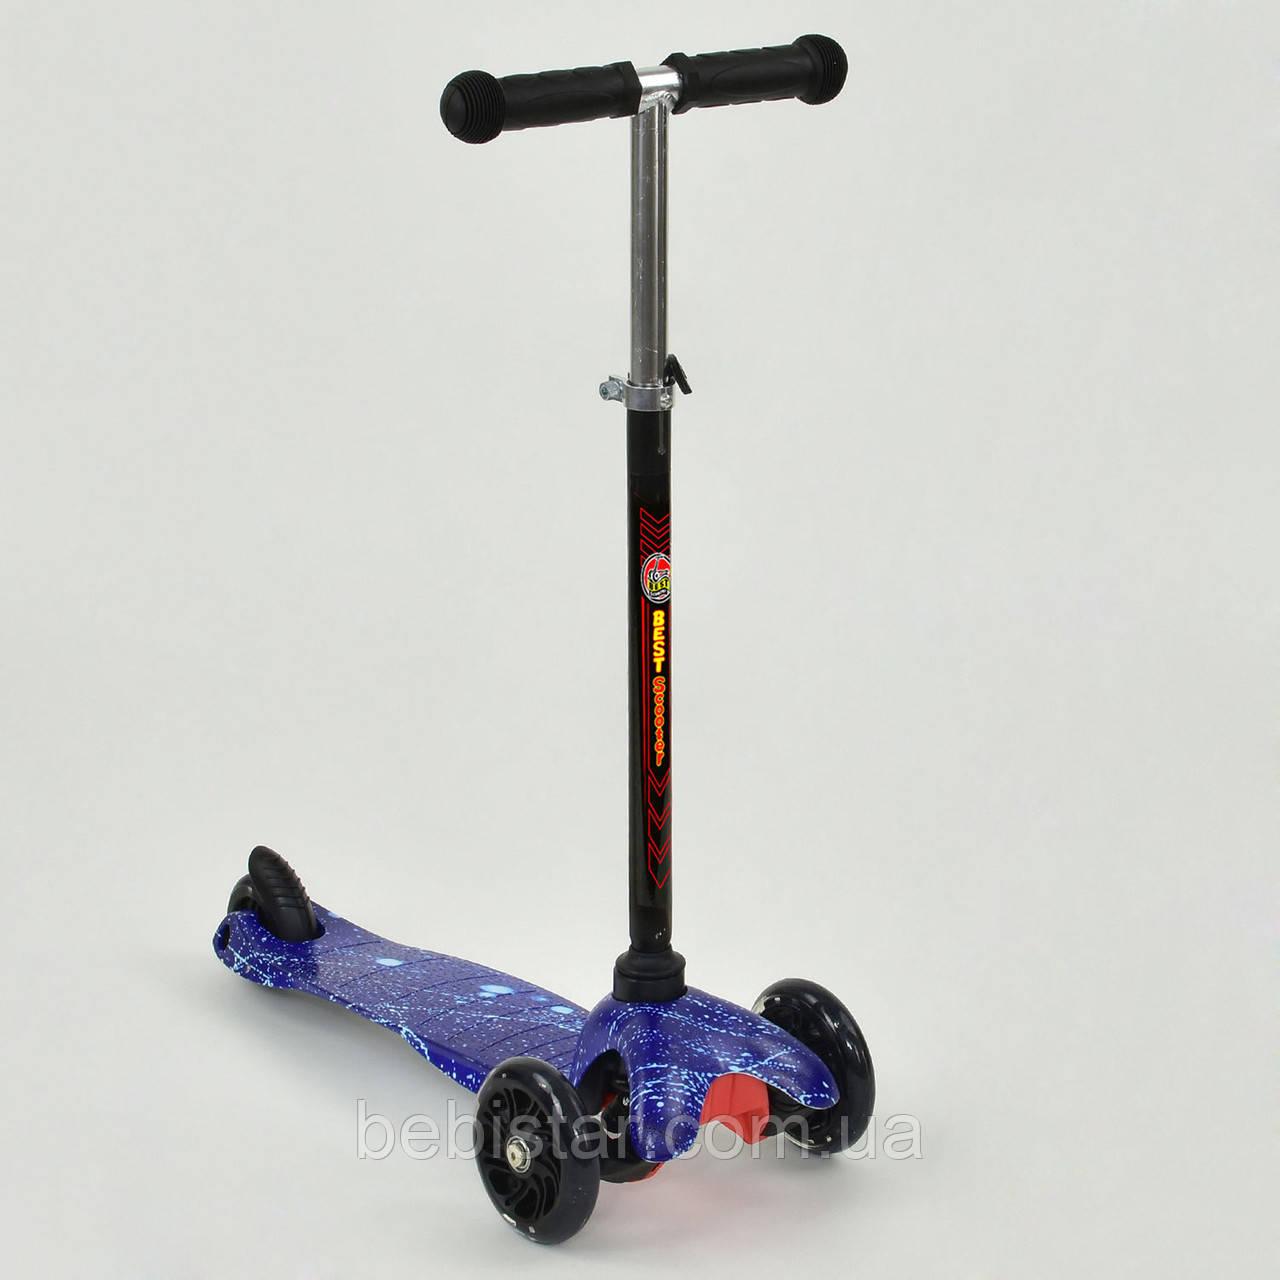 Самокат трехколесный синий детский Mini для деток от 2 до 5 лет светящиеся 3 колеса